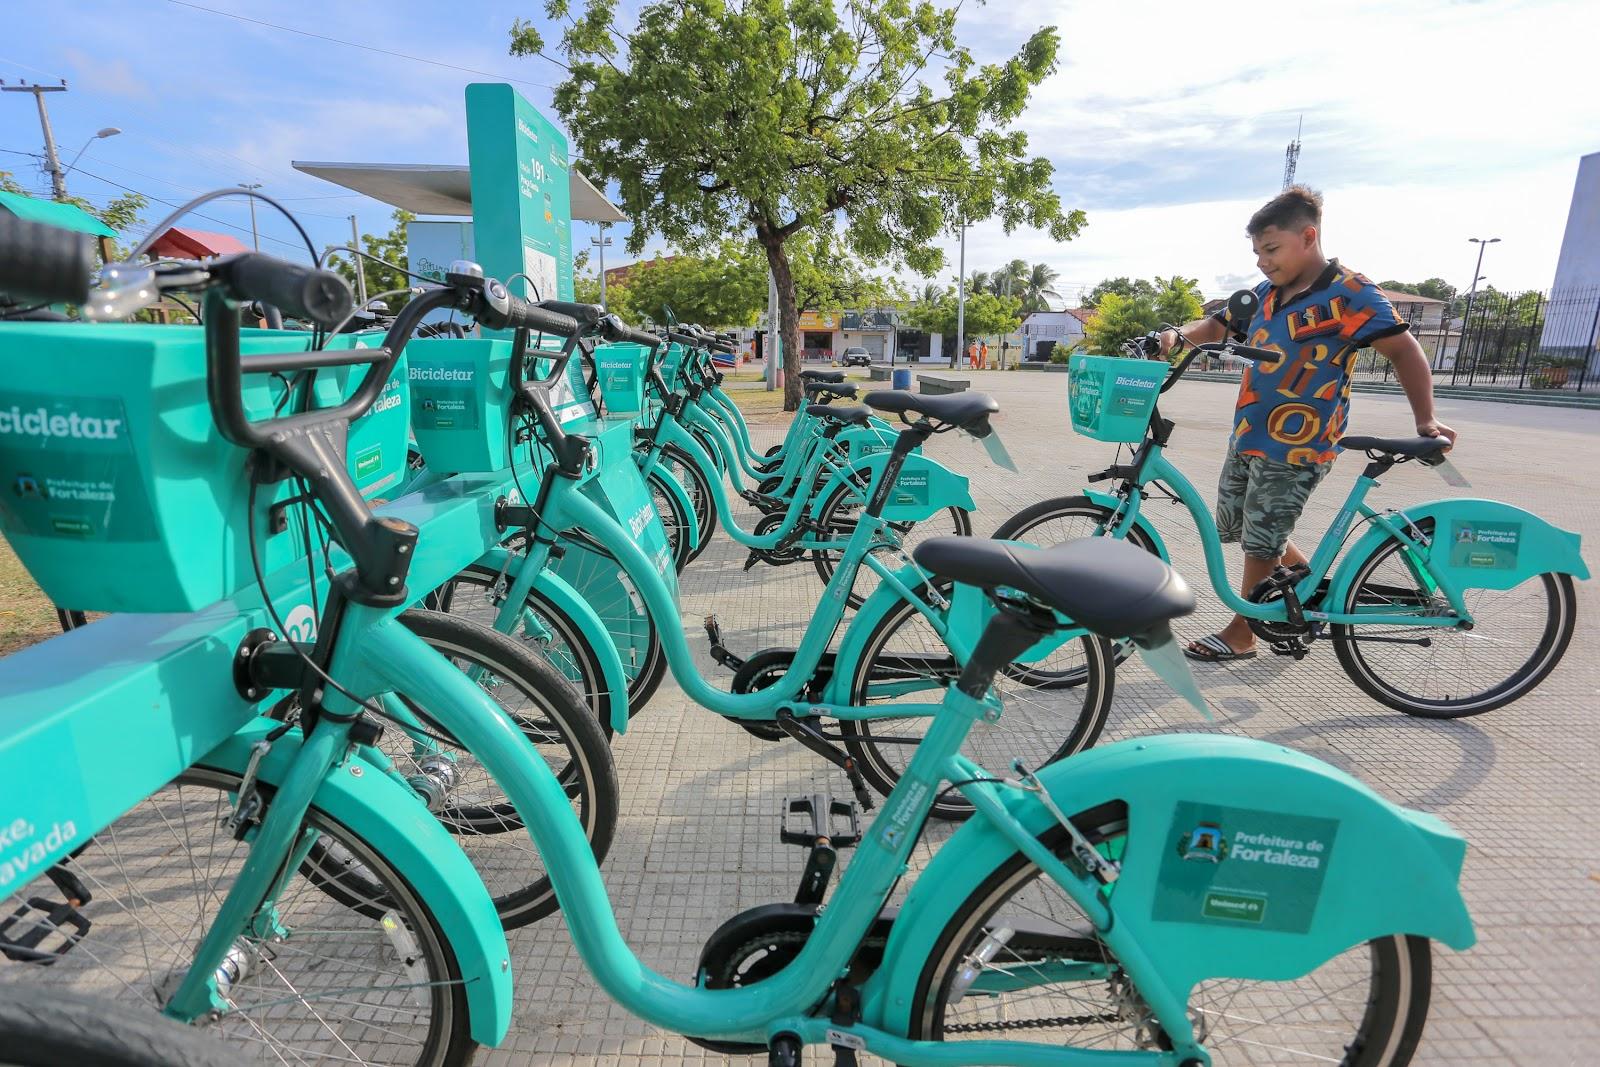 Projeto Bicicletar é um exemplo de como integrar ciclomobilidade ao transporte coletivo no Brasil (Fonte: Prefeitura de Fortaleza/Reprodução)